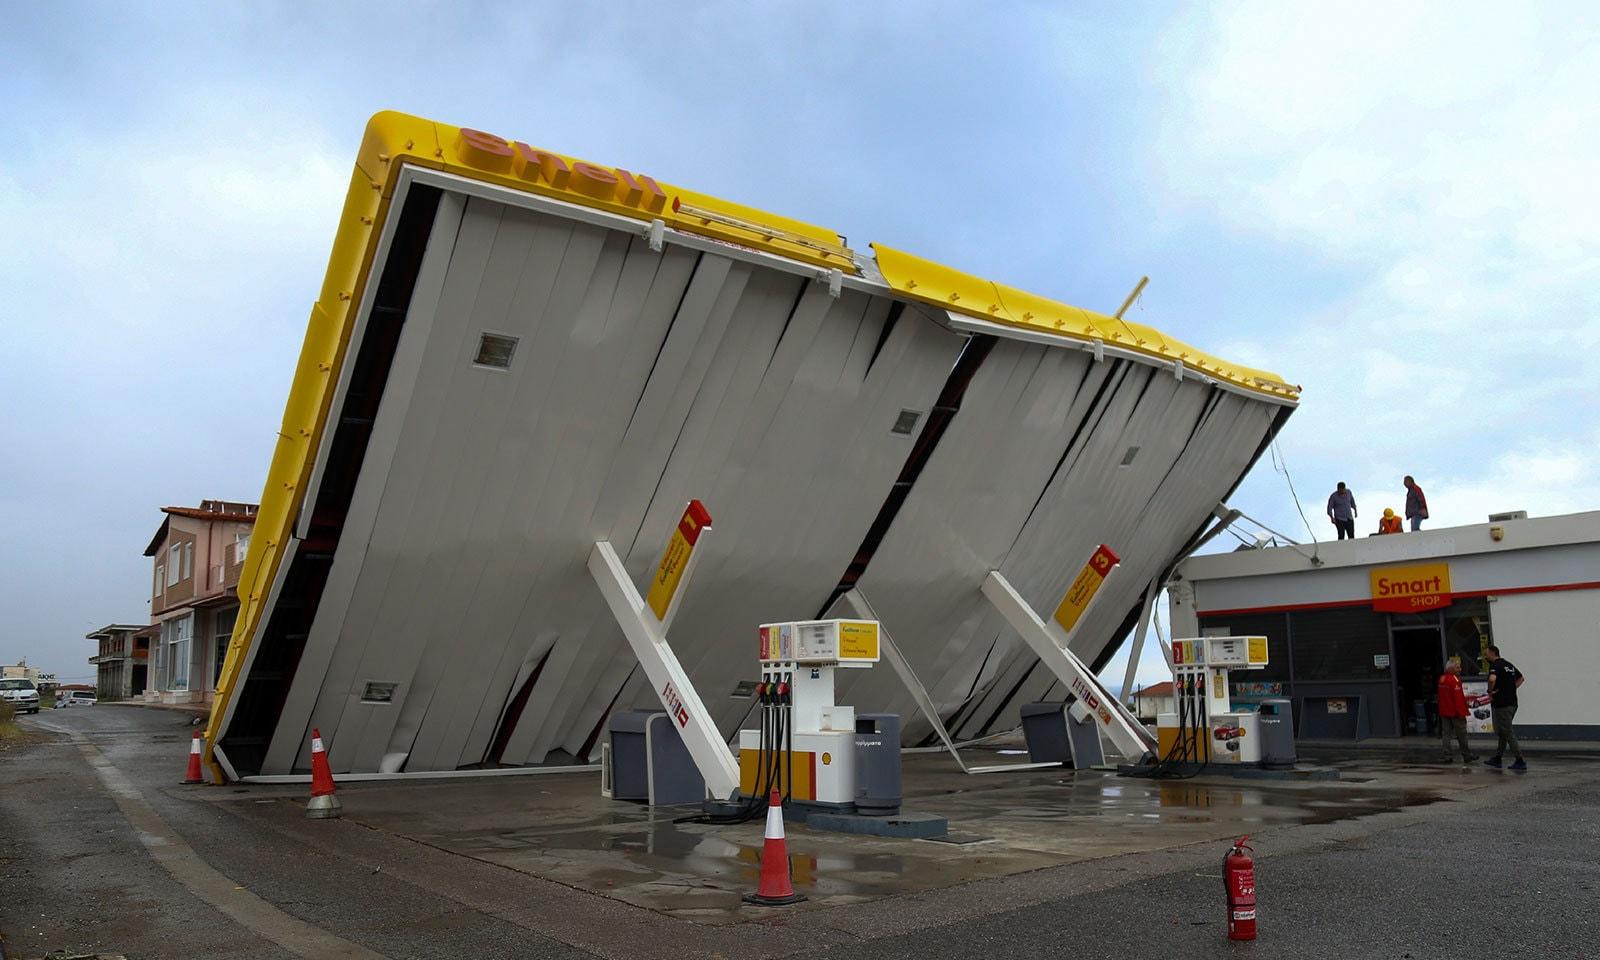 طوفان سے شدید مالی  نقصان ہوا — فوٹو: اے پی